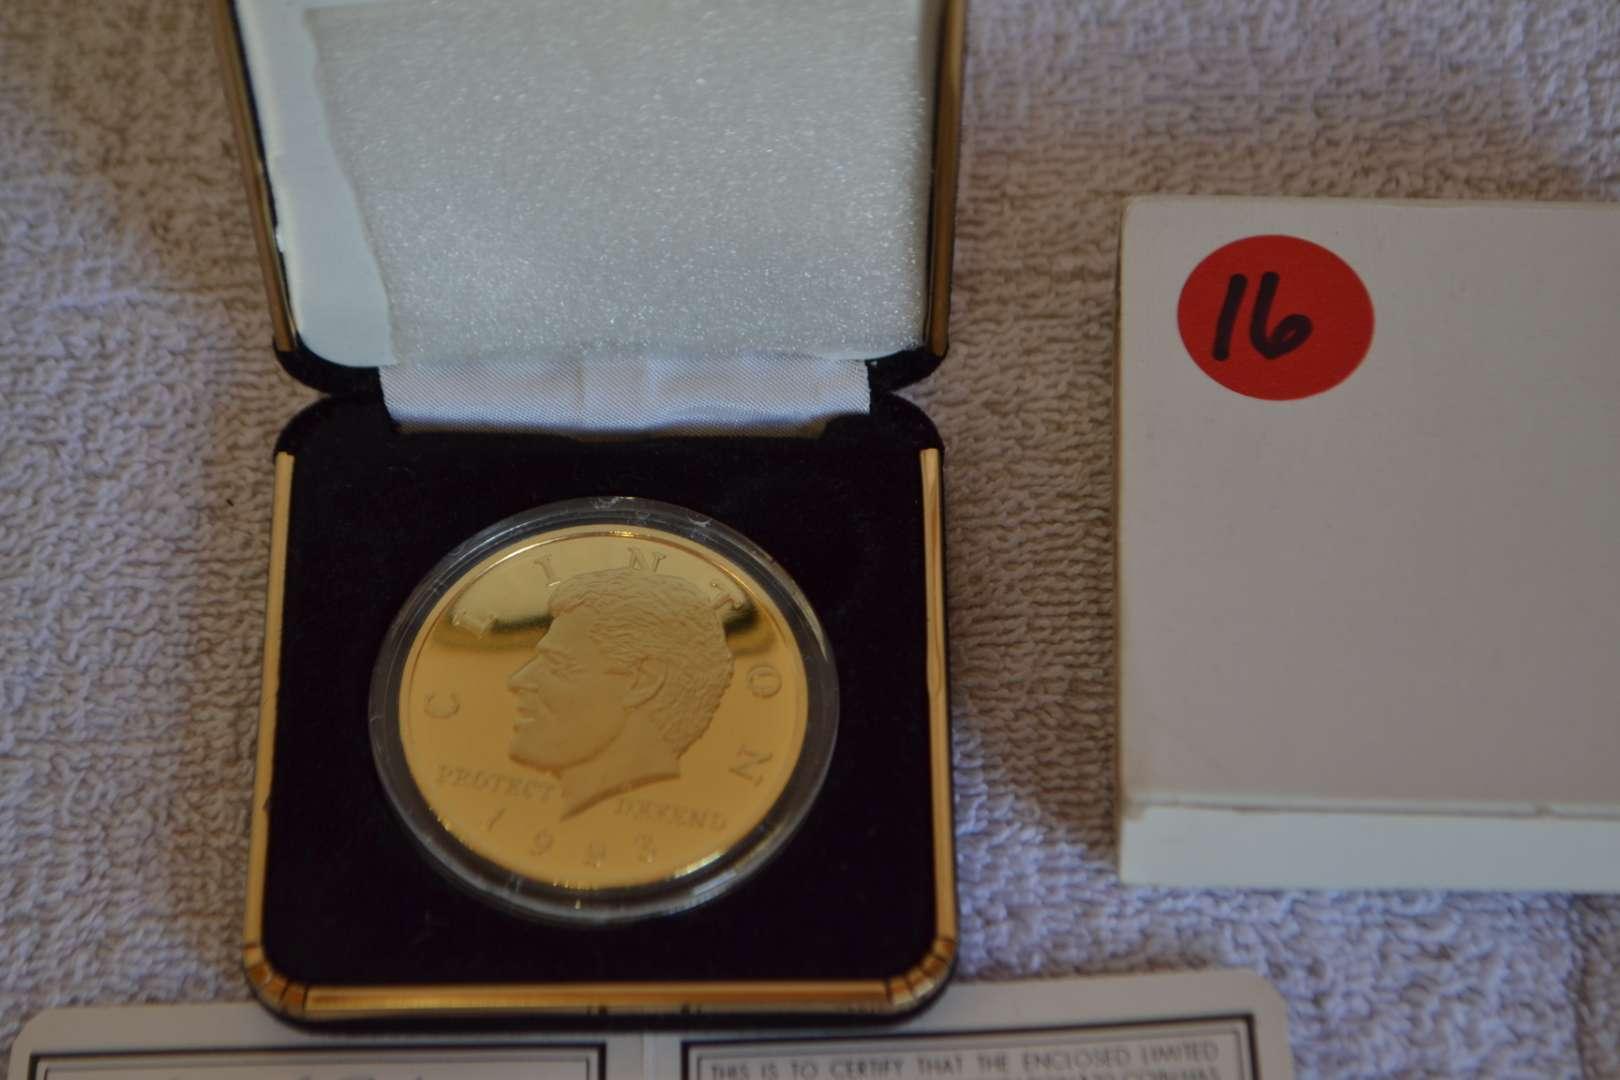 Lot # 16 1993 CLINTON $20 COIN